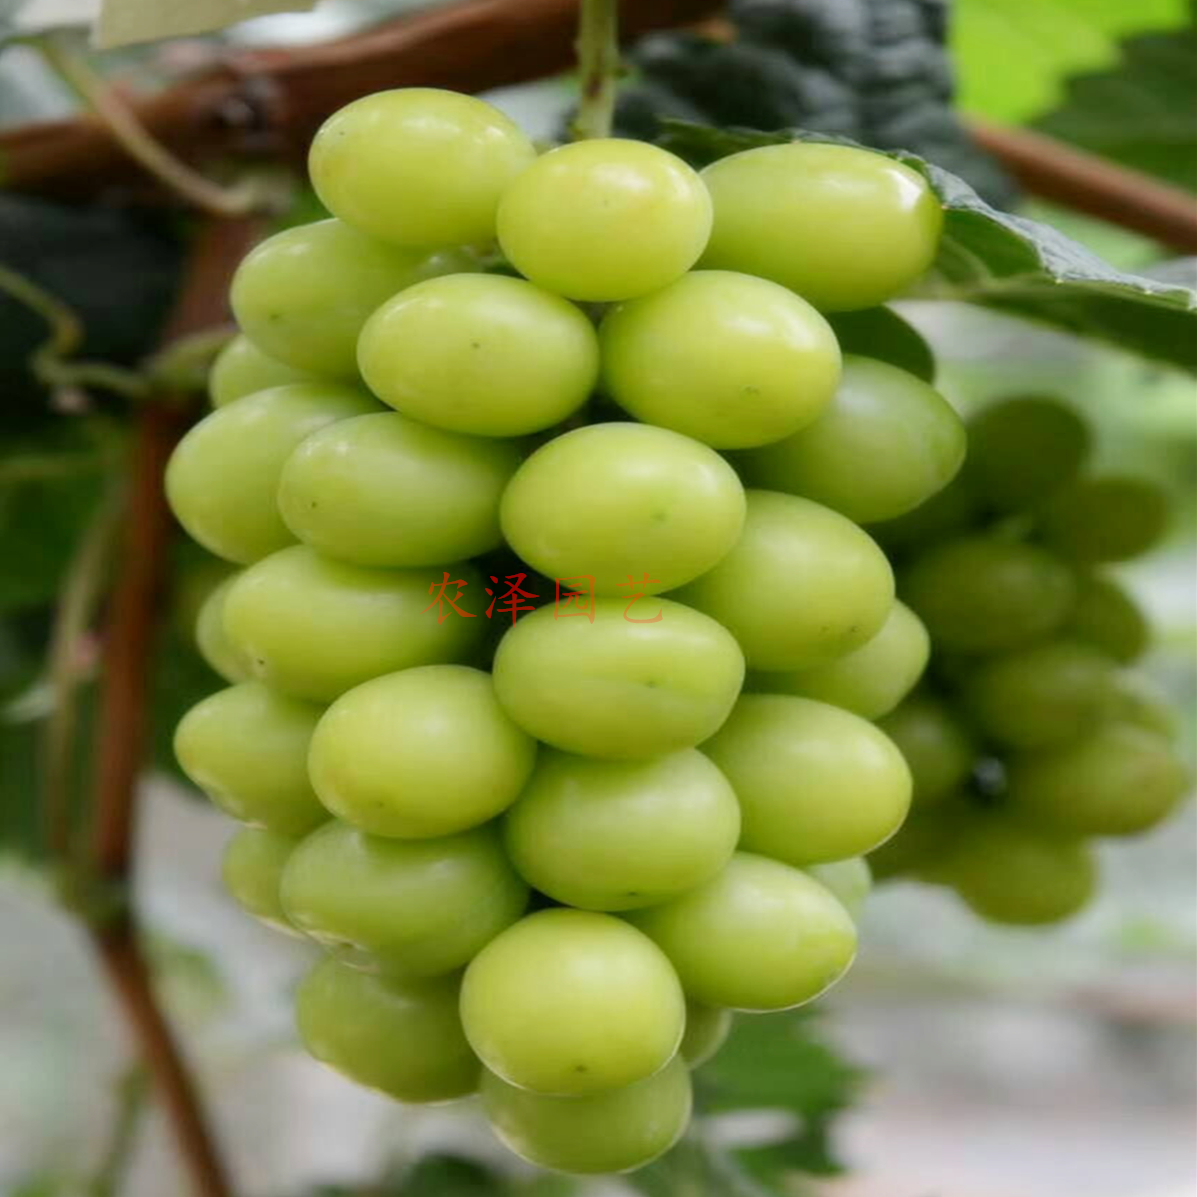 2020年行情山东阳光玫瑰葡萄苗价格多少钱